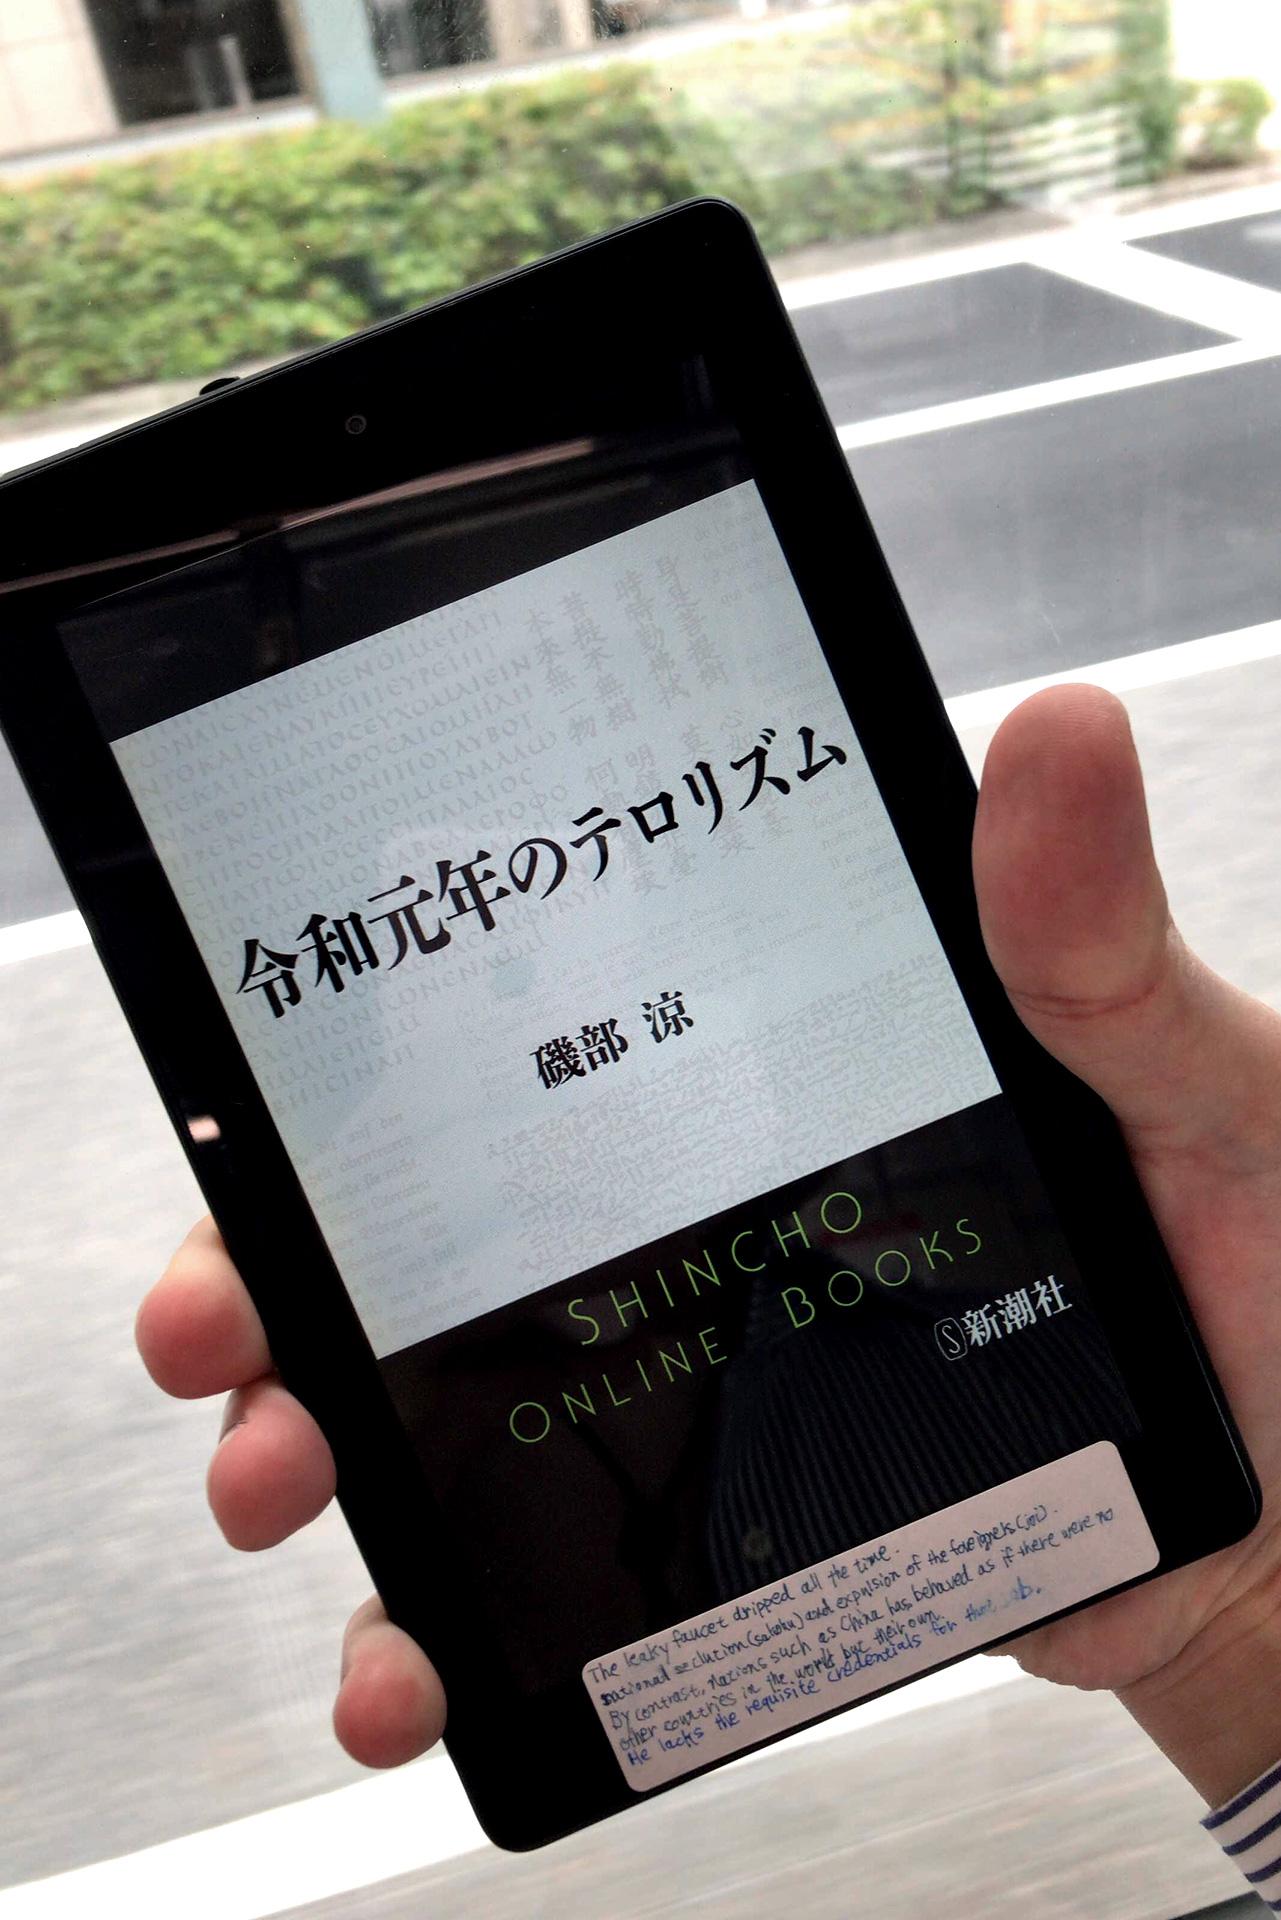 書籍令和元年のテロリズム(磯部 涼/新潮社)」の表紙画像